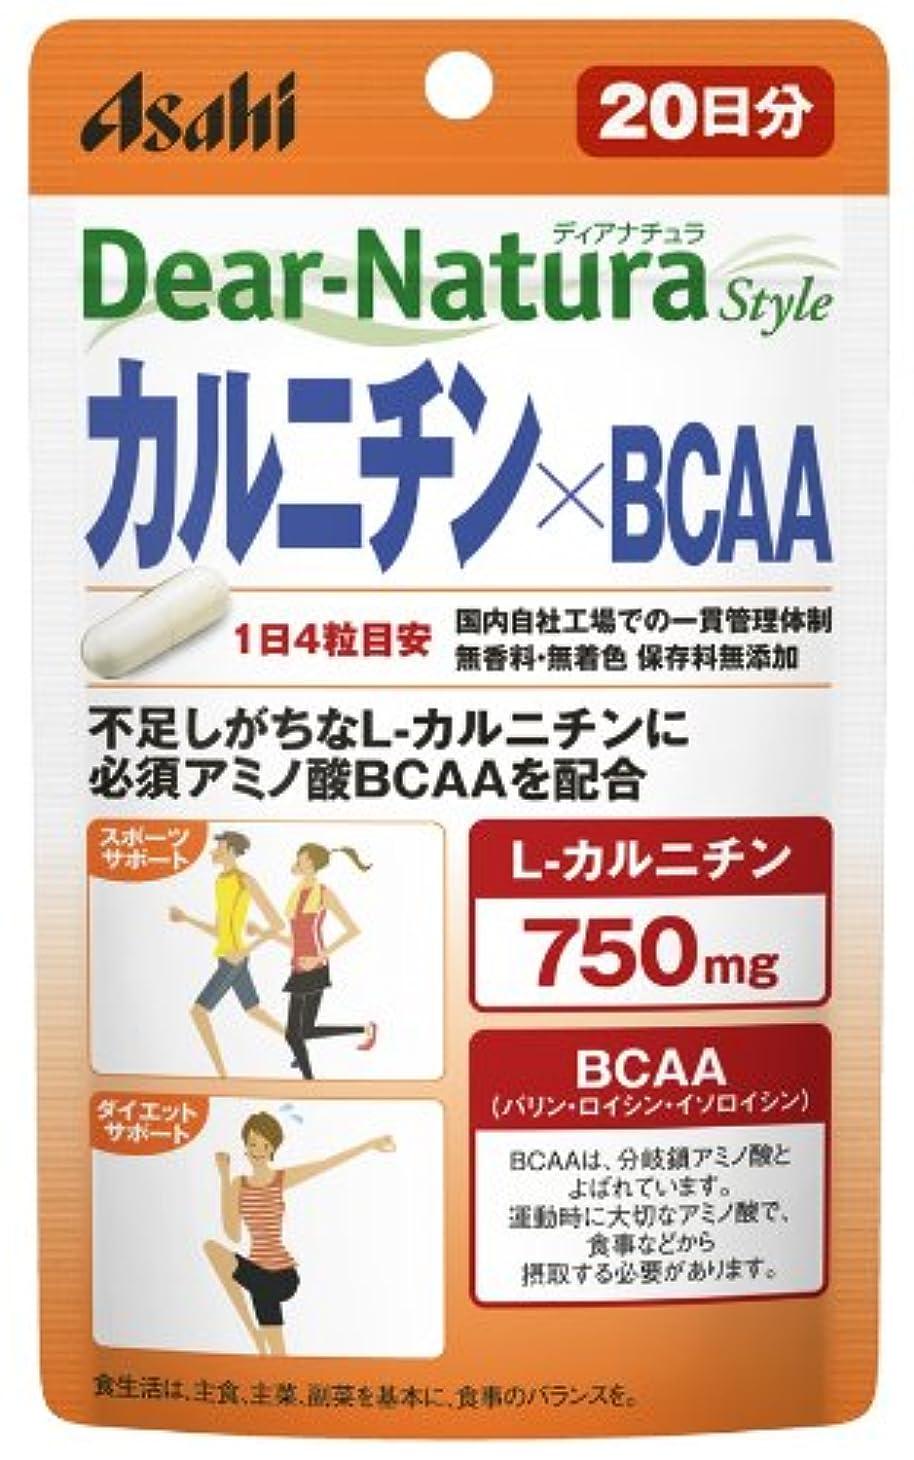 健康神秘的なスポーツマンディアナチュラスタイル カルニチン×BCAA 80粒 (20日分)